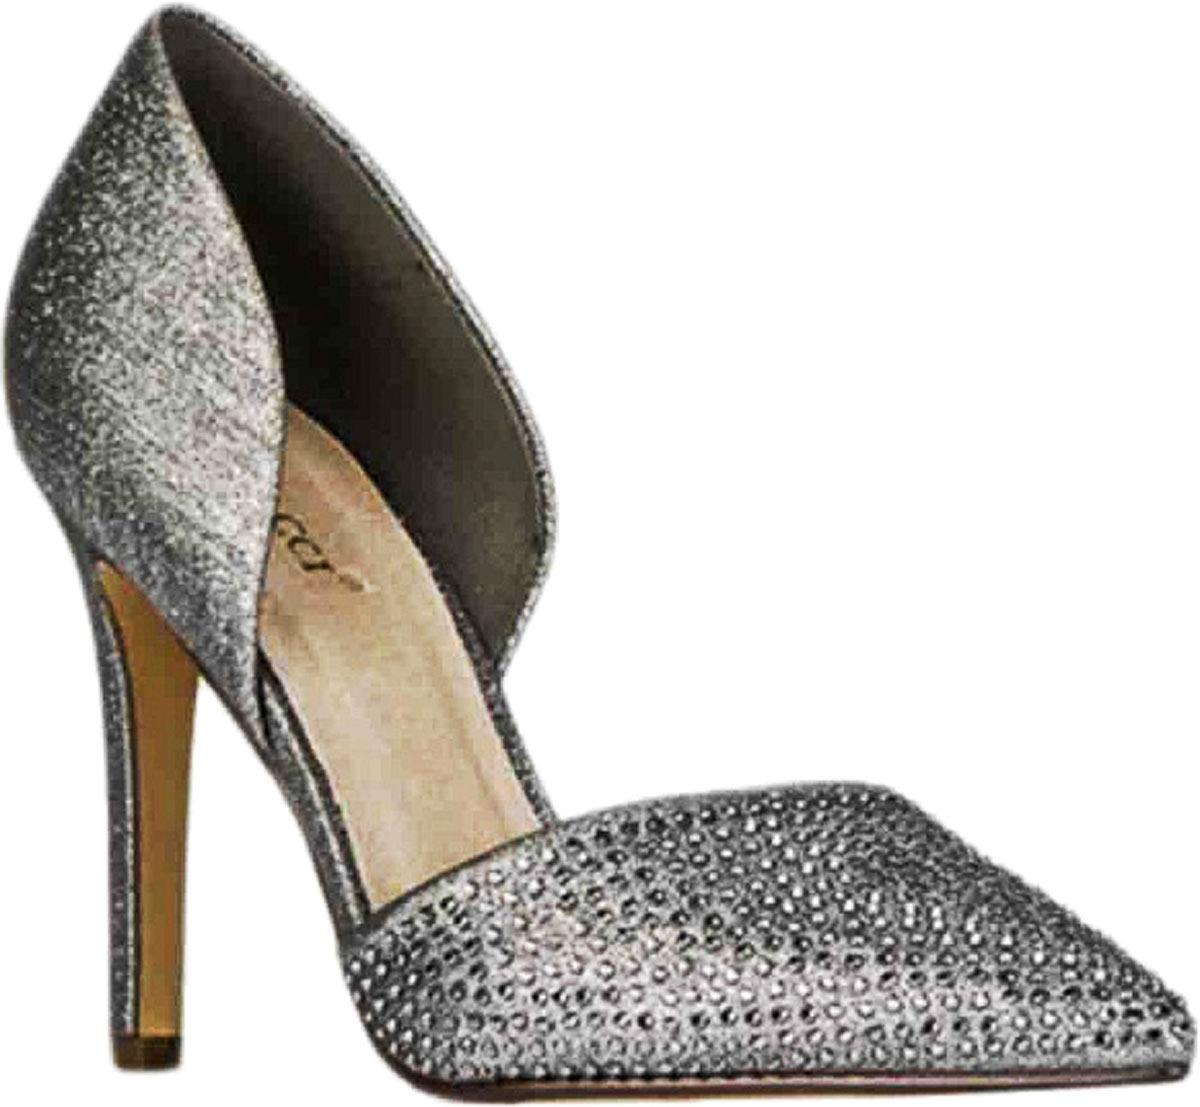 Туфли женские Vitacci, цвет: серебряный. 87018. Размер 3887018Стильные туфли Vitacci не оставят вас незамеченной! Модель выполнена из плотного текстиля и оформлена декоративными вкраплениями. Стелька из натуральной кожи обеспечивает комфорт и удобство при ходьбе. Подошва выполнена с высоким каблуком.